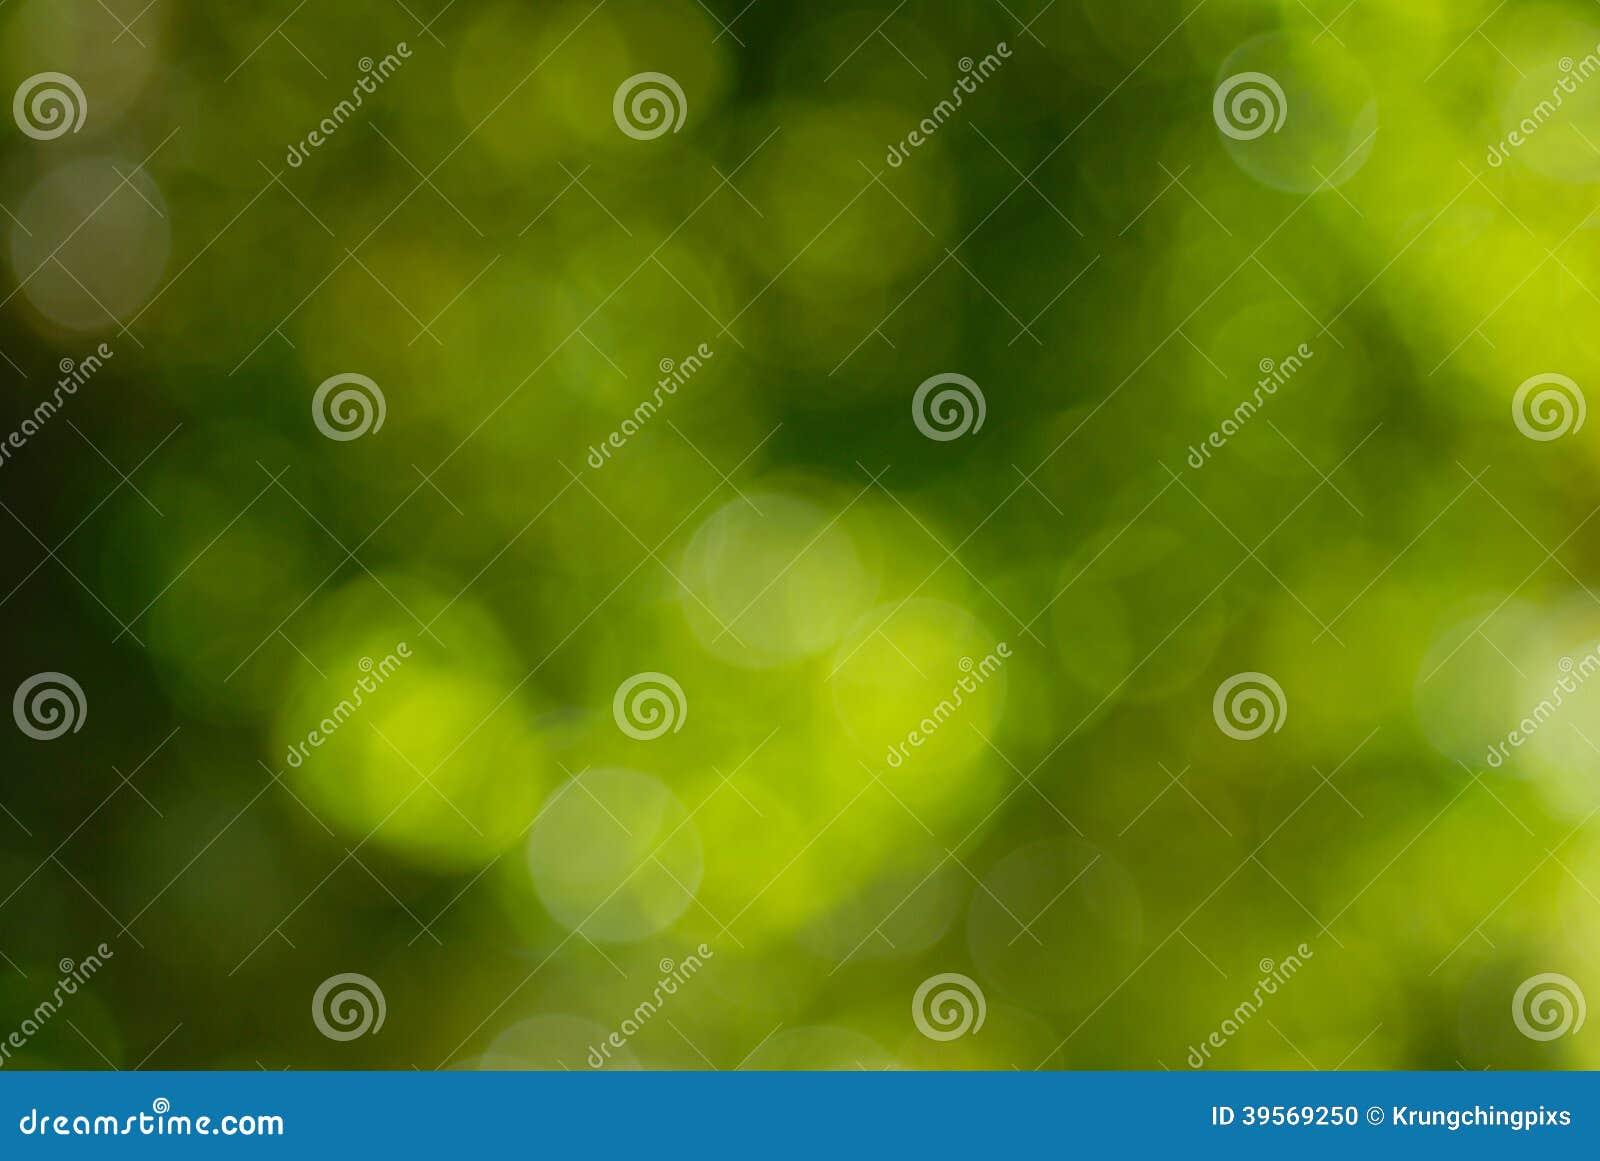 Grön naturlig bakgrund